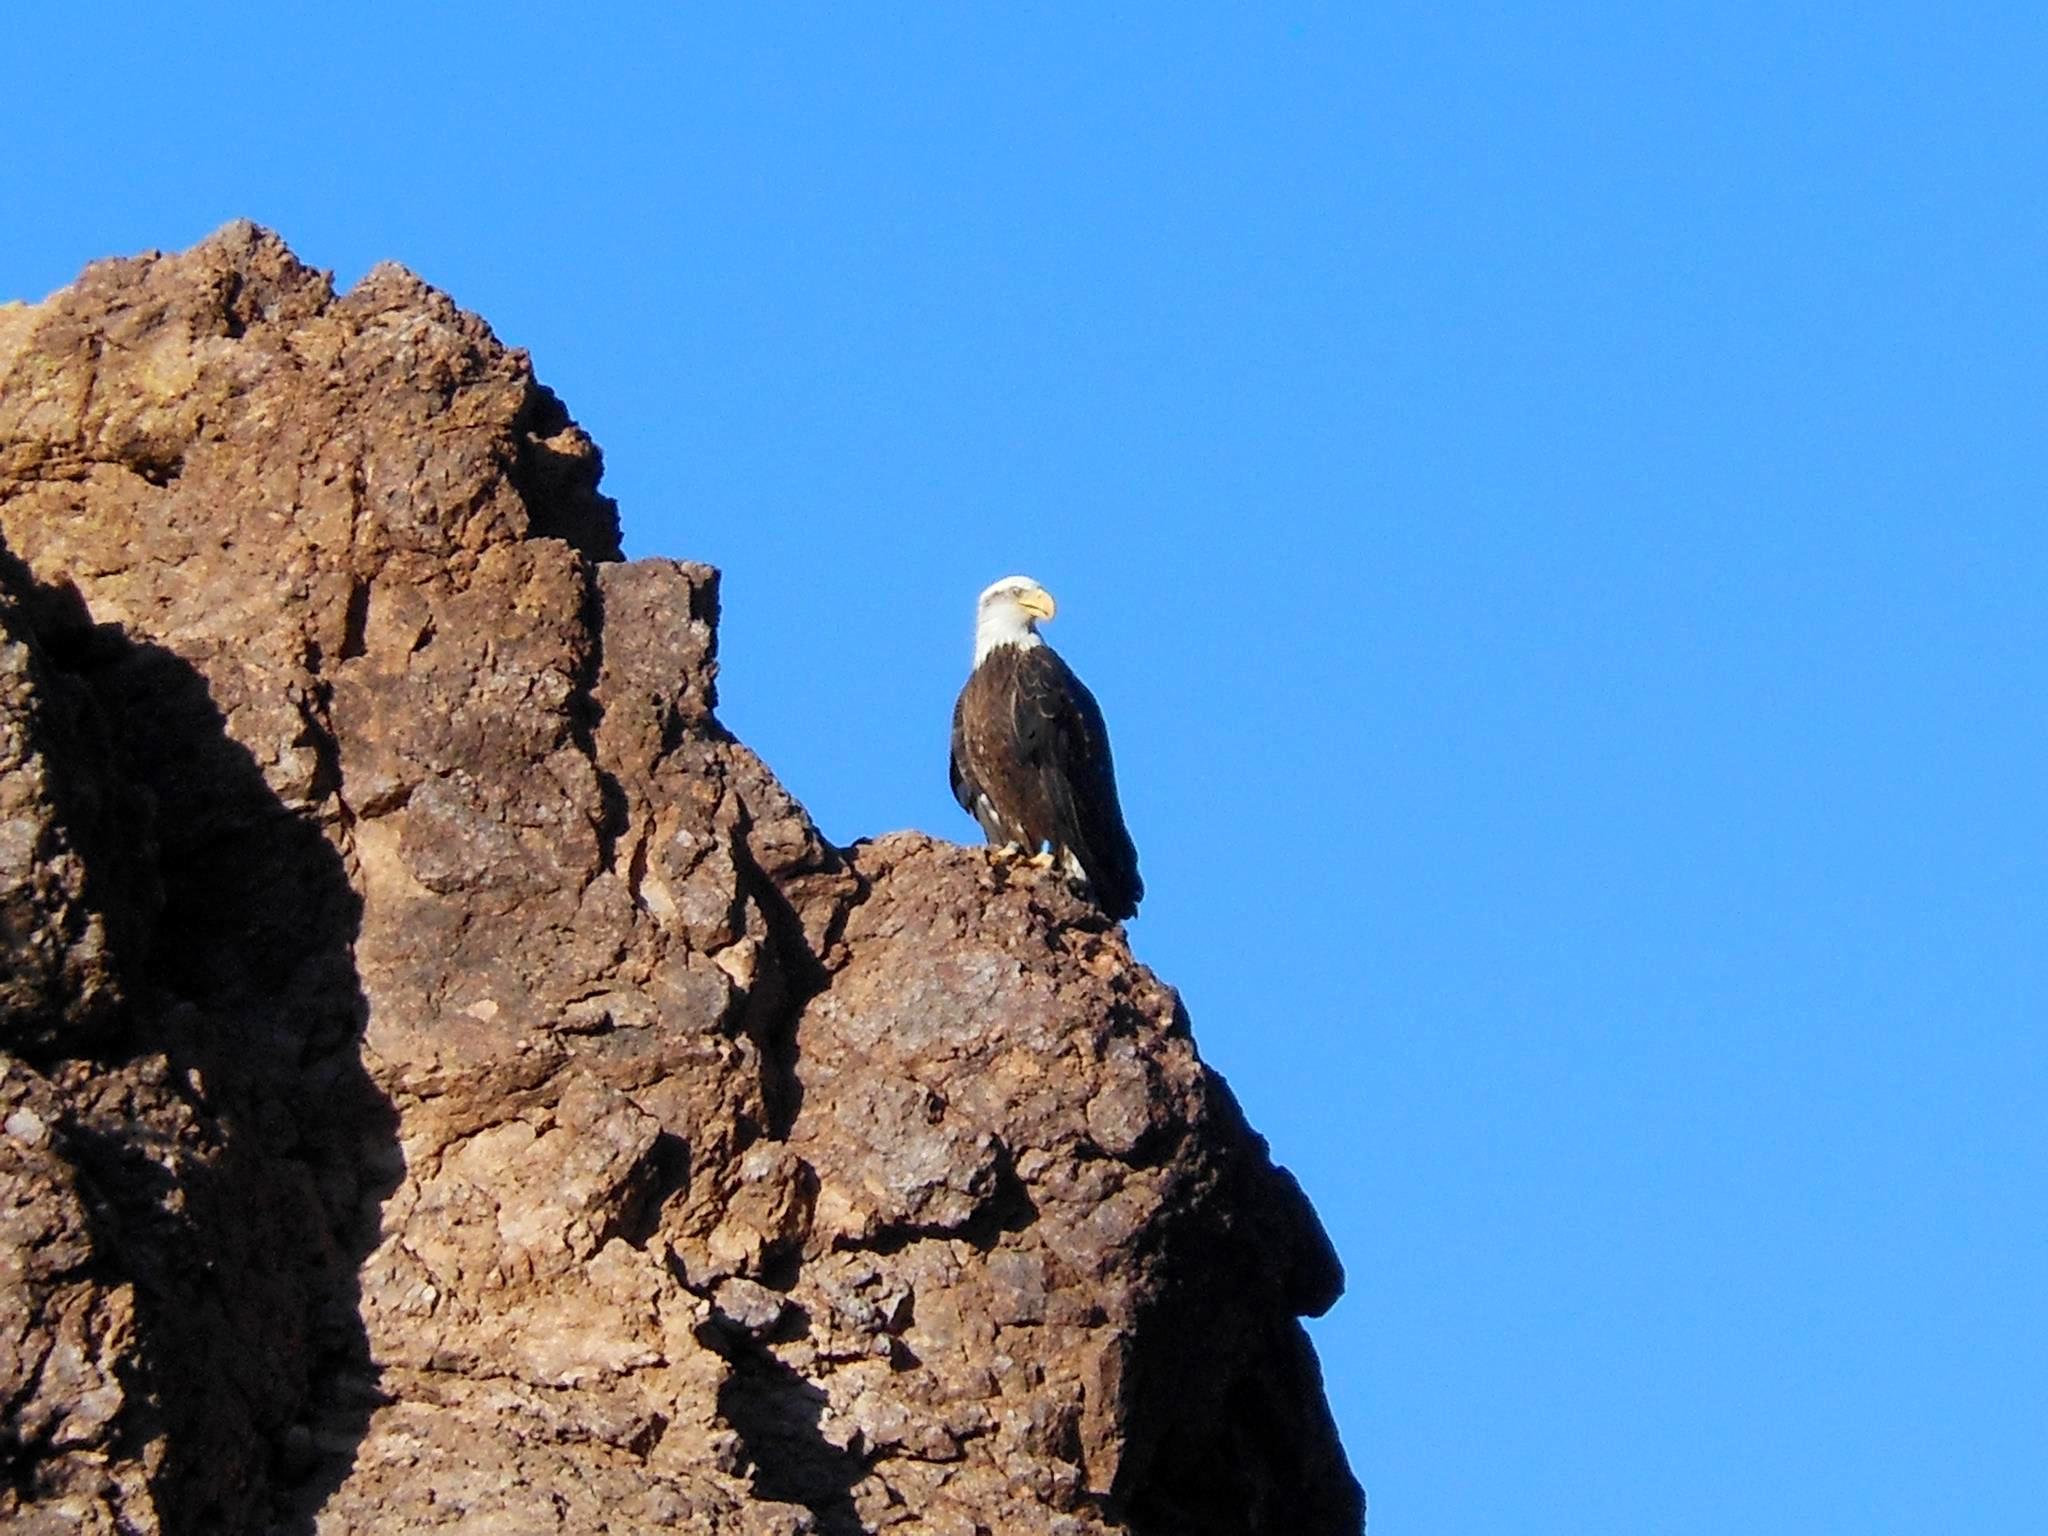 Bald eagle overlooks Canyon Lake